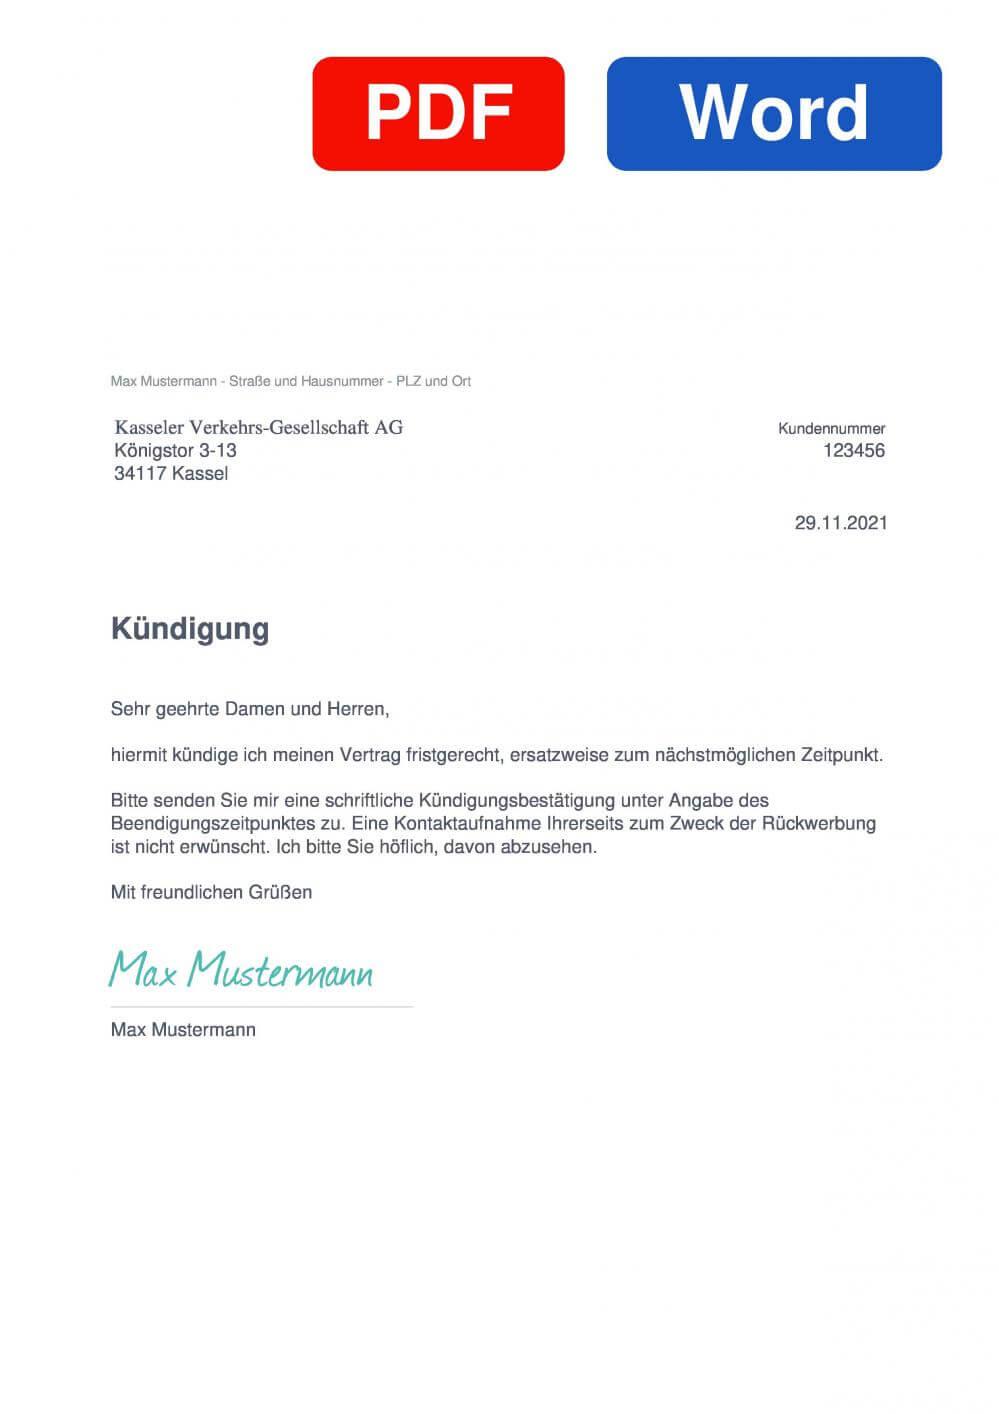 KVG Muster Vorlage für Kündigungsschreiben